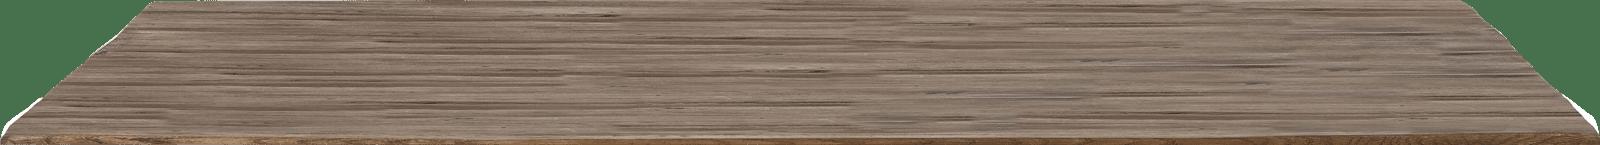 Masters - tresentisch 160 x 140 cm - edelstahl 9x9